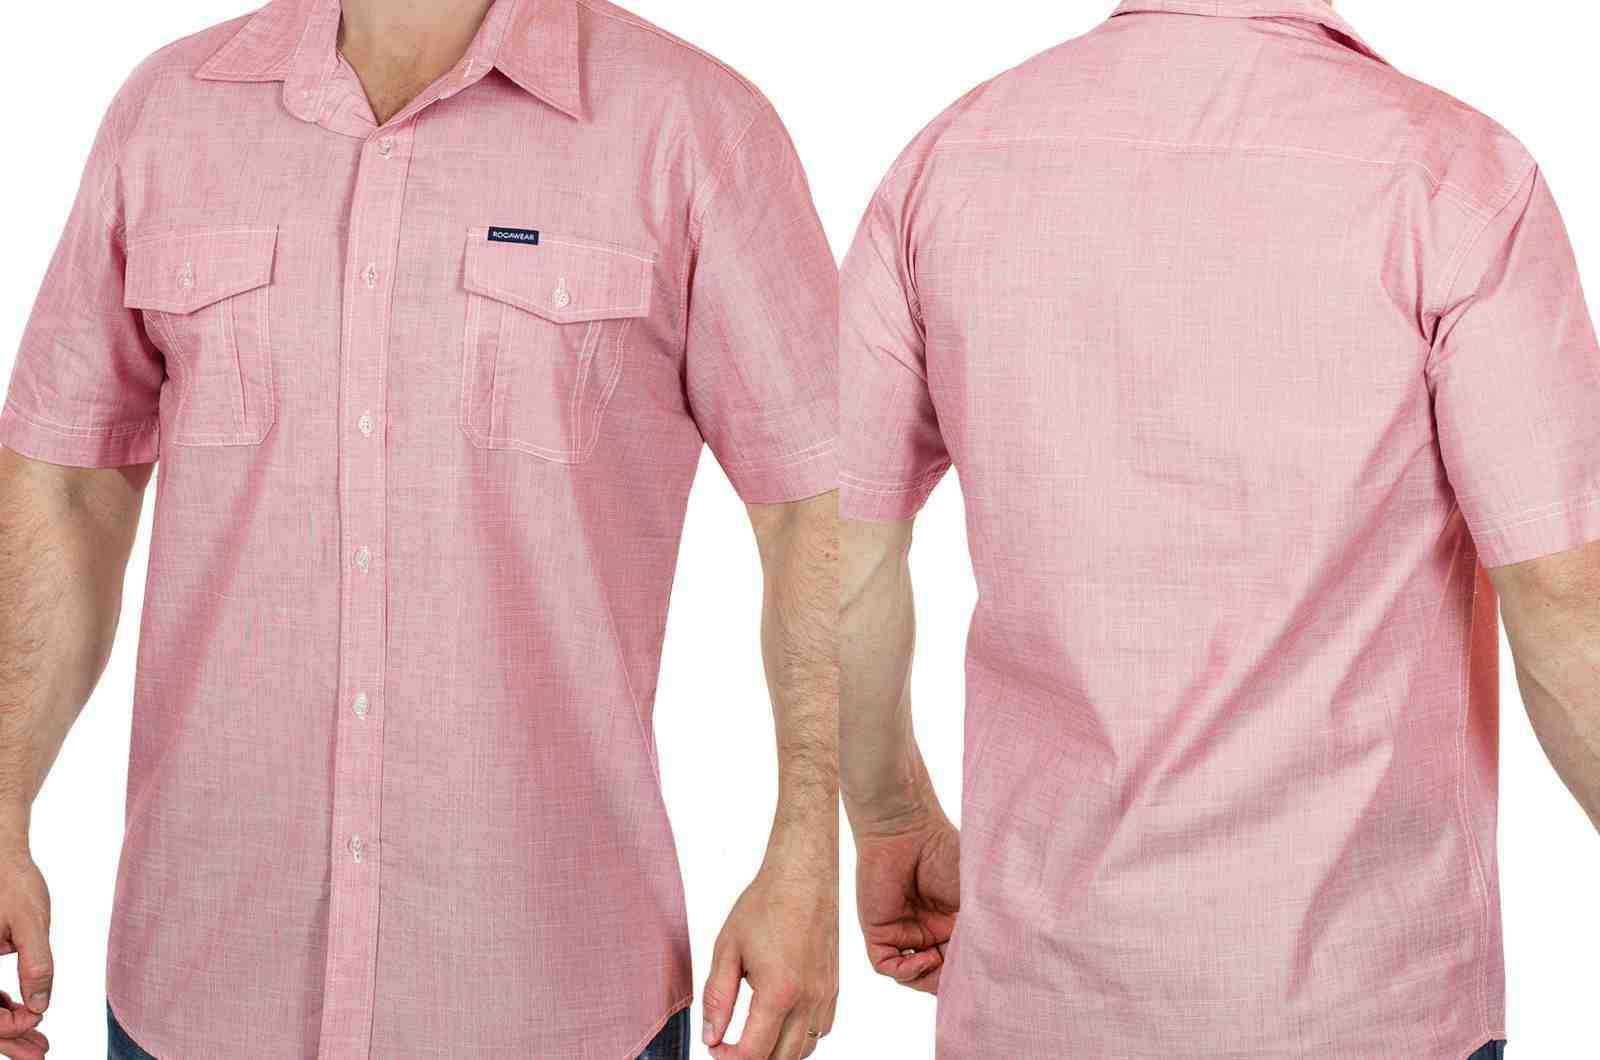 Брендовая мужская рубашка из США Company81